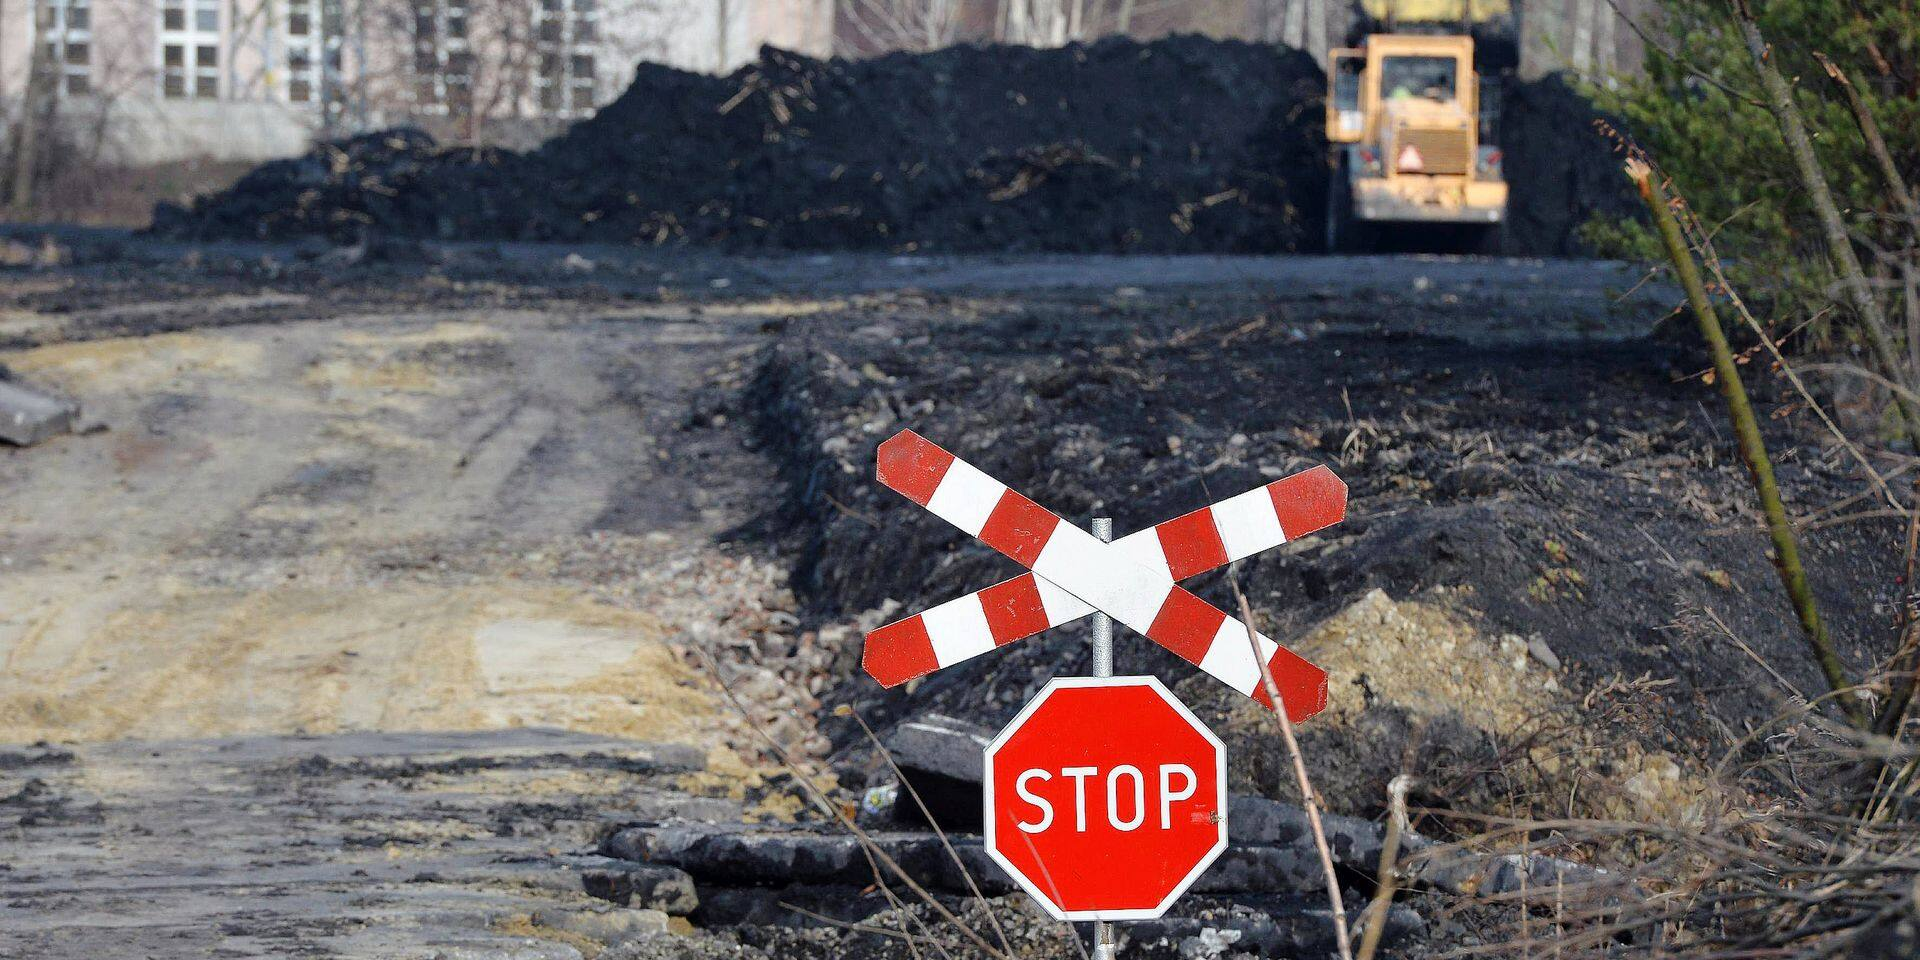 ©PHOTOPQR/OUEST FRANCE ; En marge de la conférence climat COP 24 à Katowice , Convention-cadre des Nations Unies sur les changements climatiques (CCNUCC), reportage dans le bassin houiller de la Silésie en Pologne. Sur la photo la mine de charbon de Knurow ©F DUBRAY Coal basin in Silesia, Poland, where as Cop24 opens in Katowice